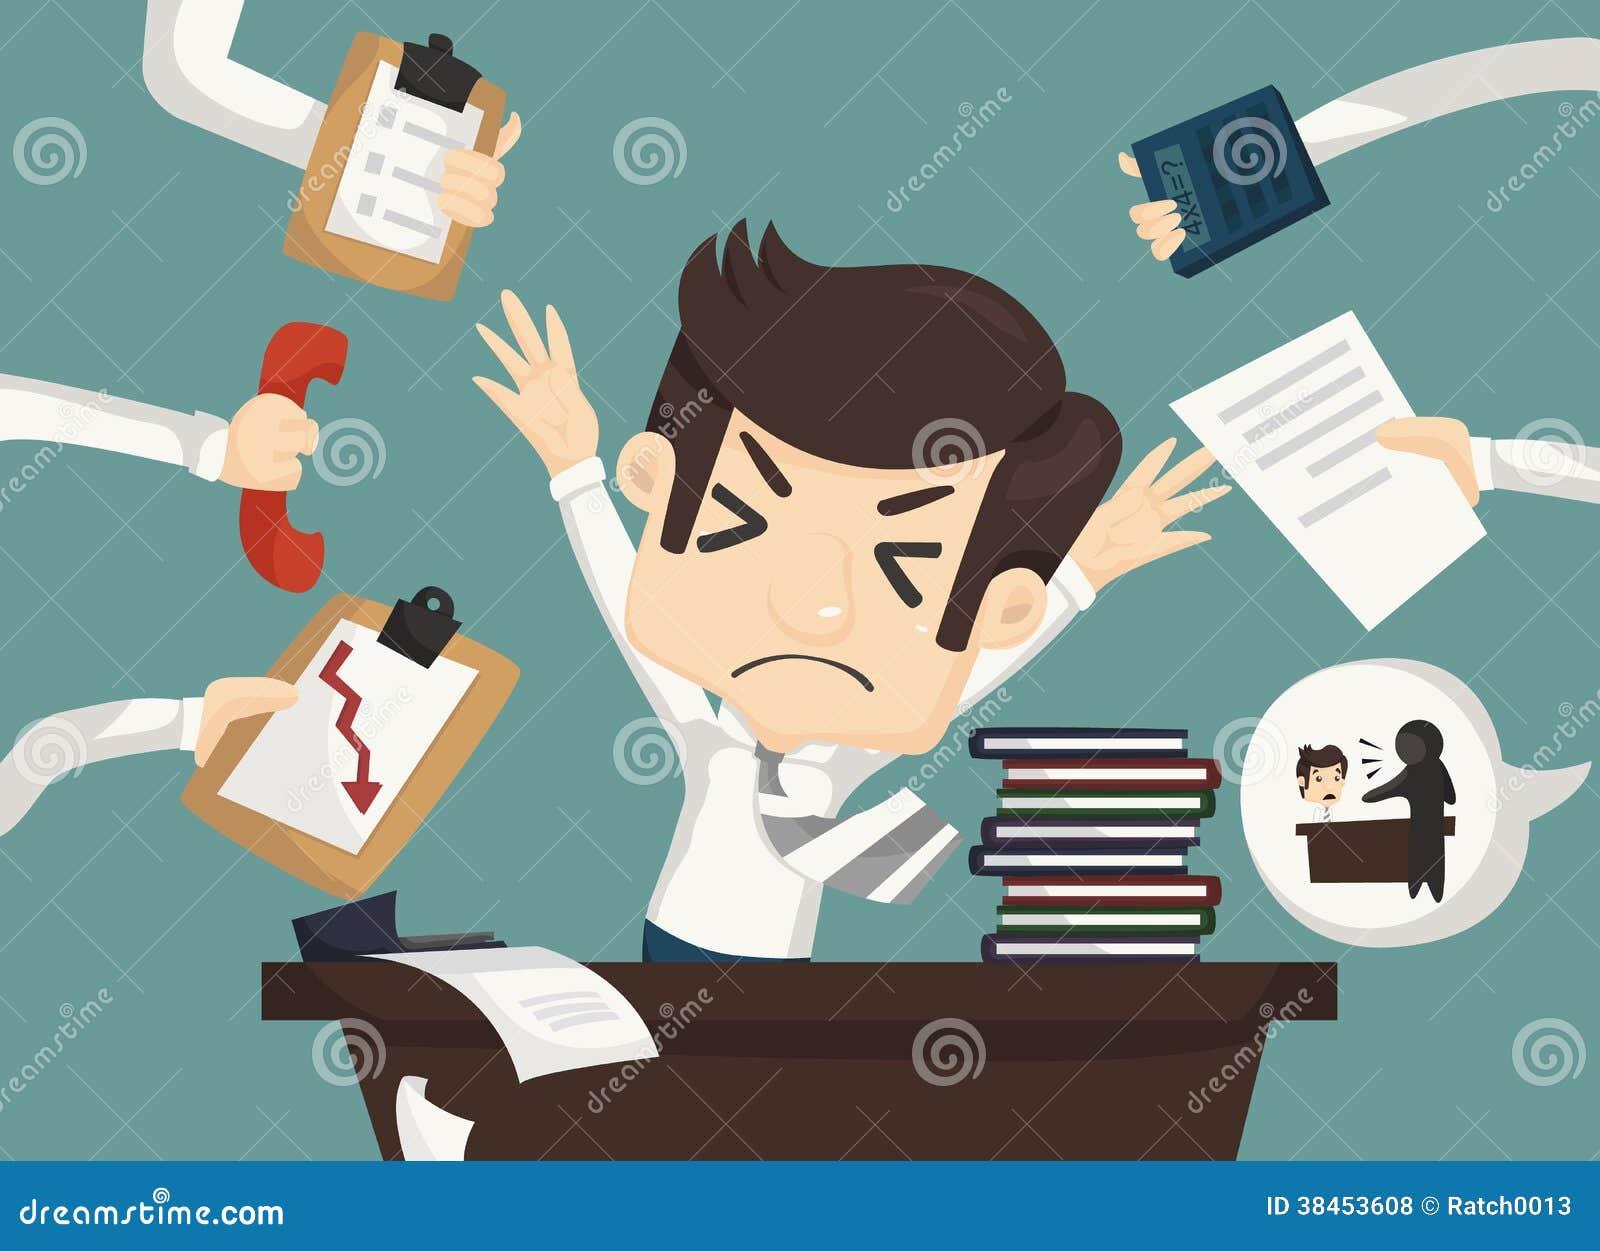 Upptaget affärsmanarbete som är hårt och